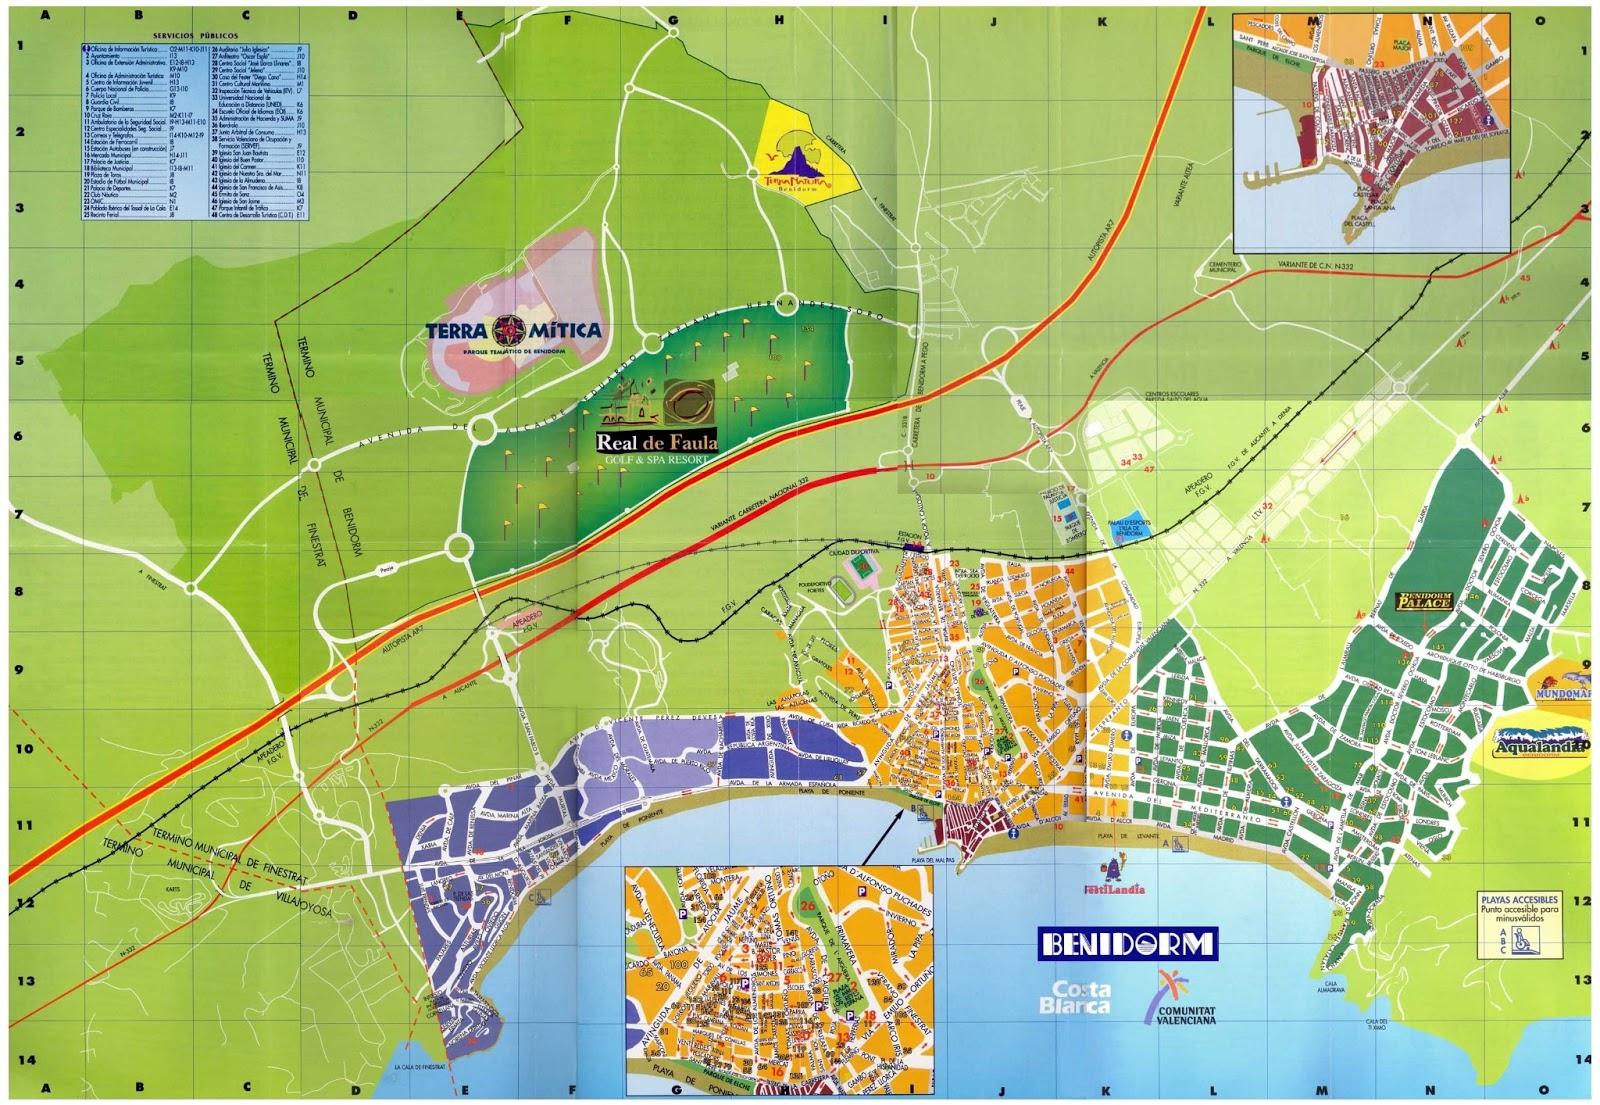 mapa sul de espanha benidorm Mapas de Benidorm   Espanha | MapasBlog mapa sul de espanha benidorm